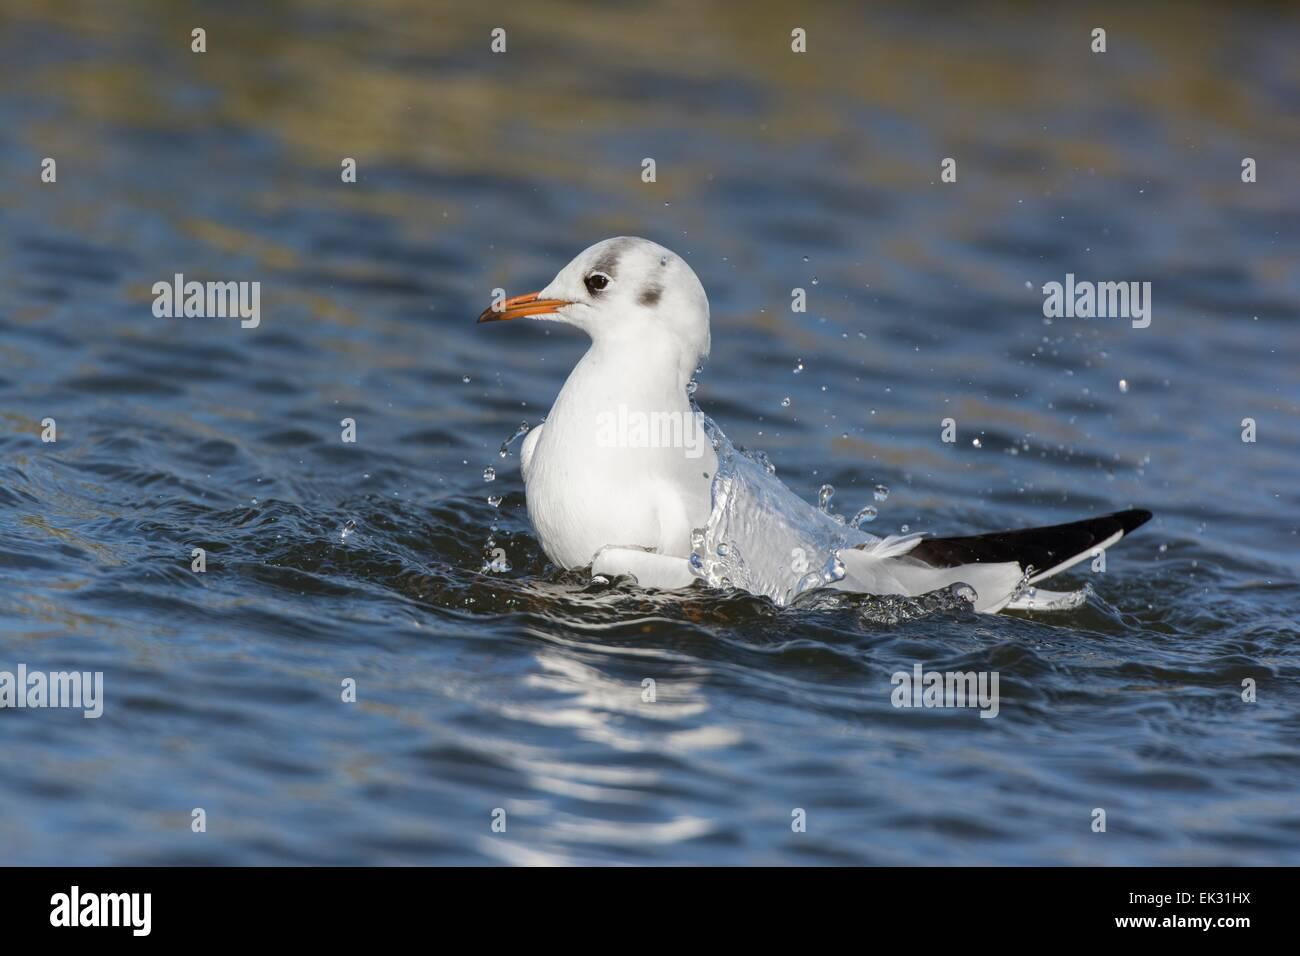 Black headed gull Chroicocephalus ridibundus, adult bathing, England February - Stock Image